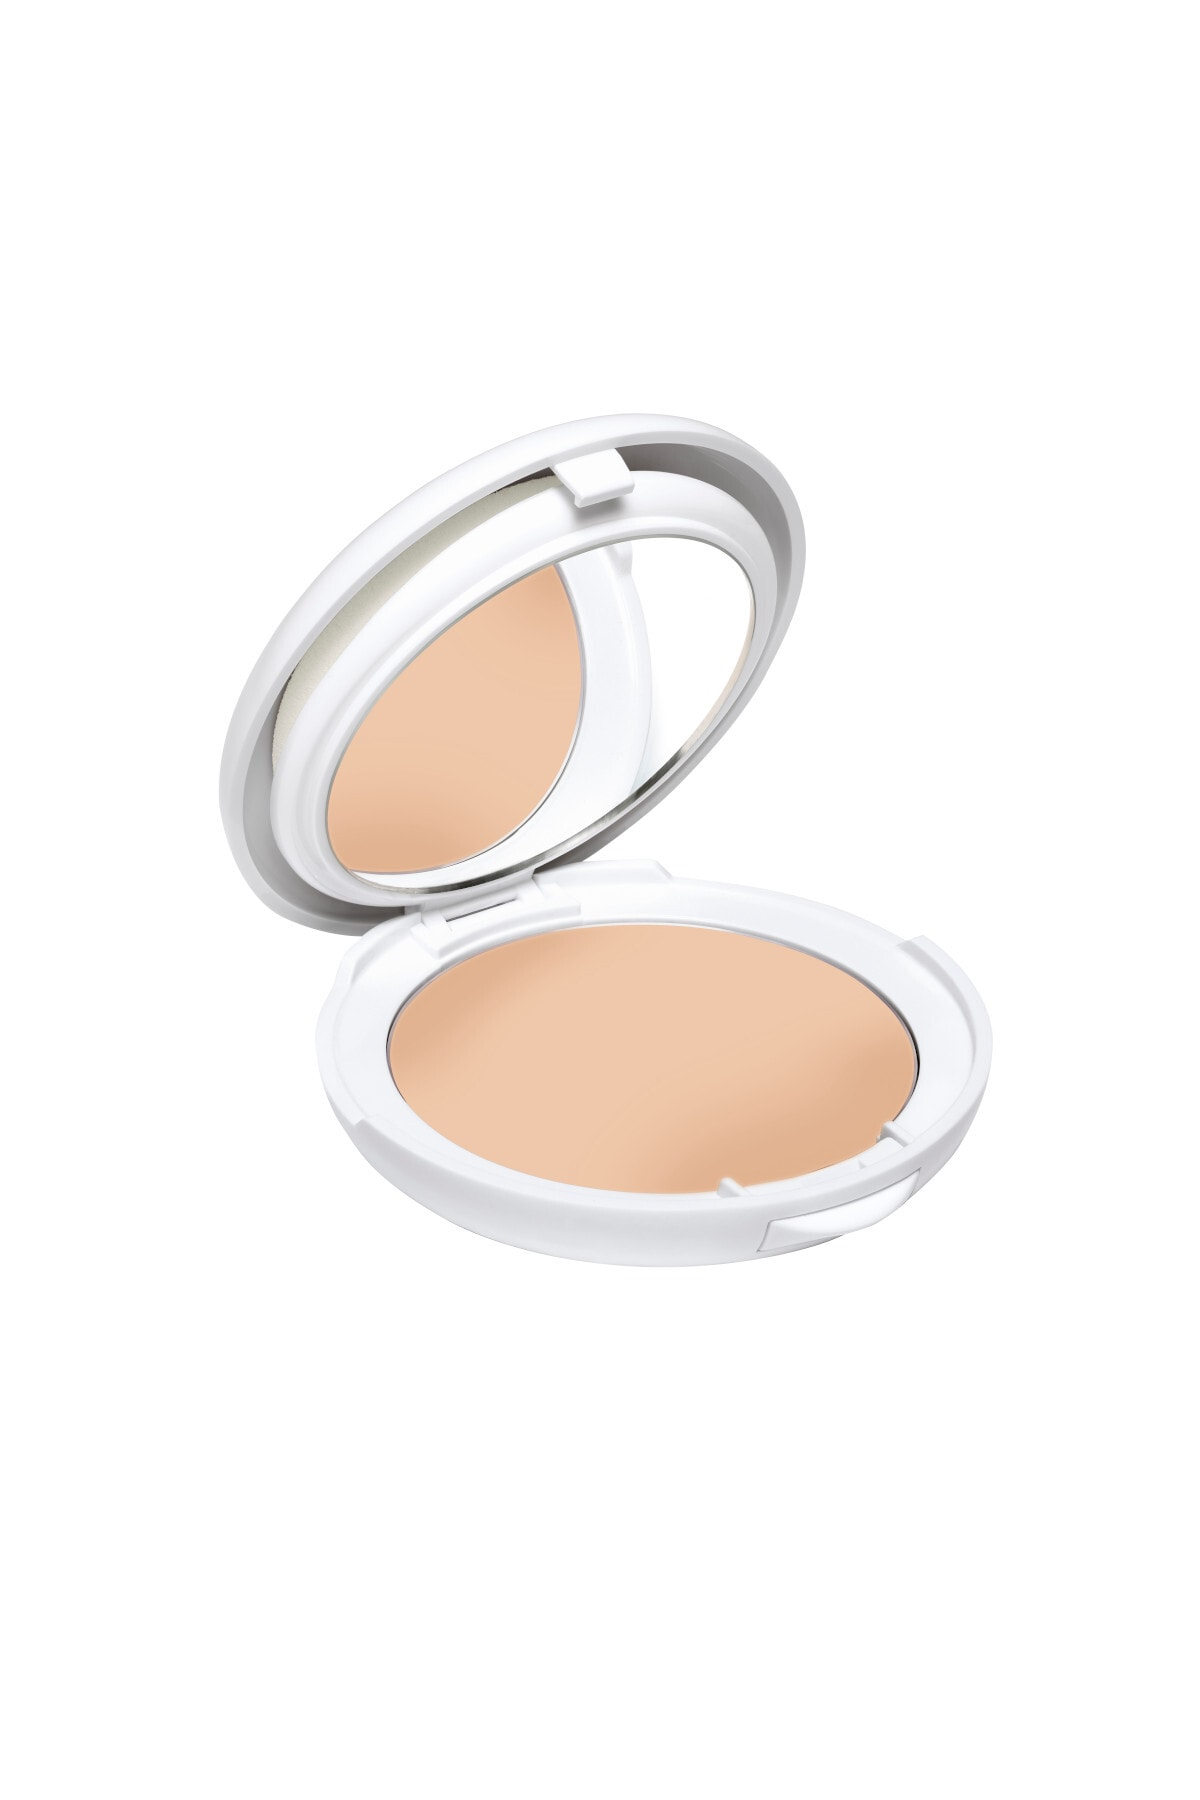 Uriage Bariesun SPF50+ Mineral Cream Tinted Compact Fair Tint 10 g 3661434007170